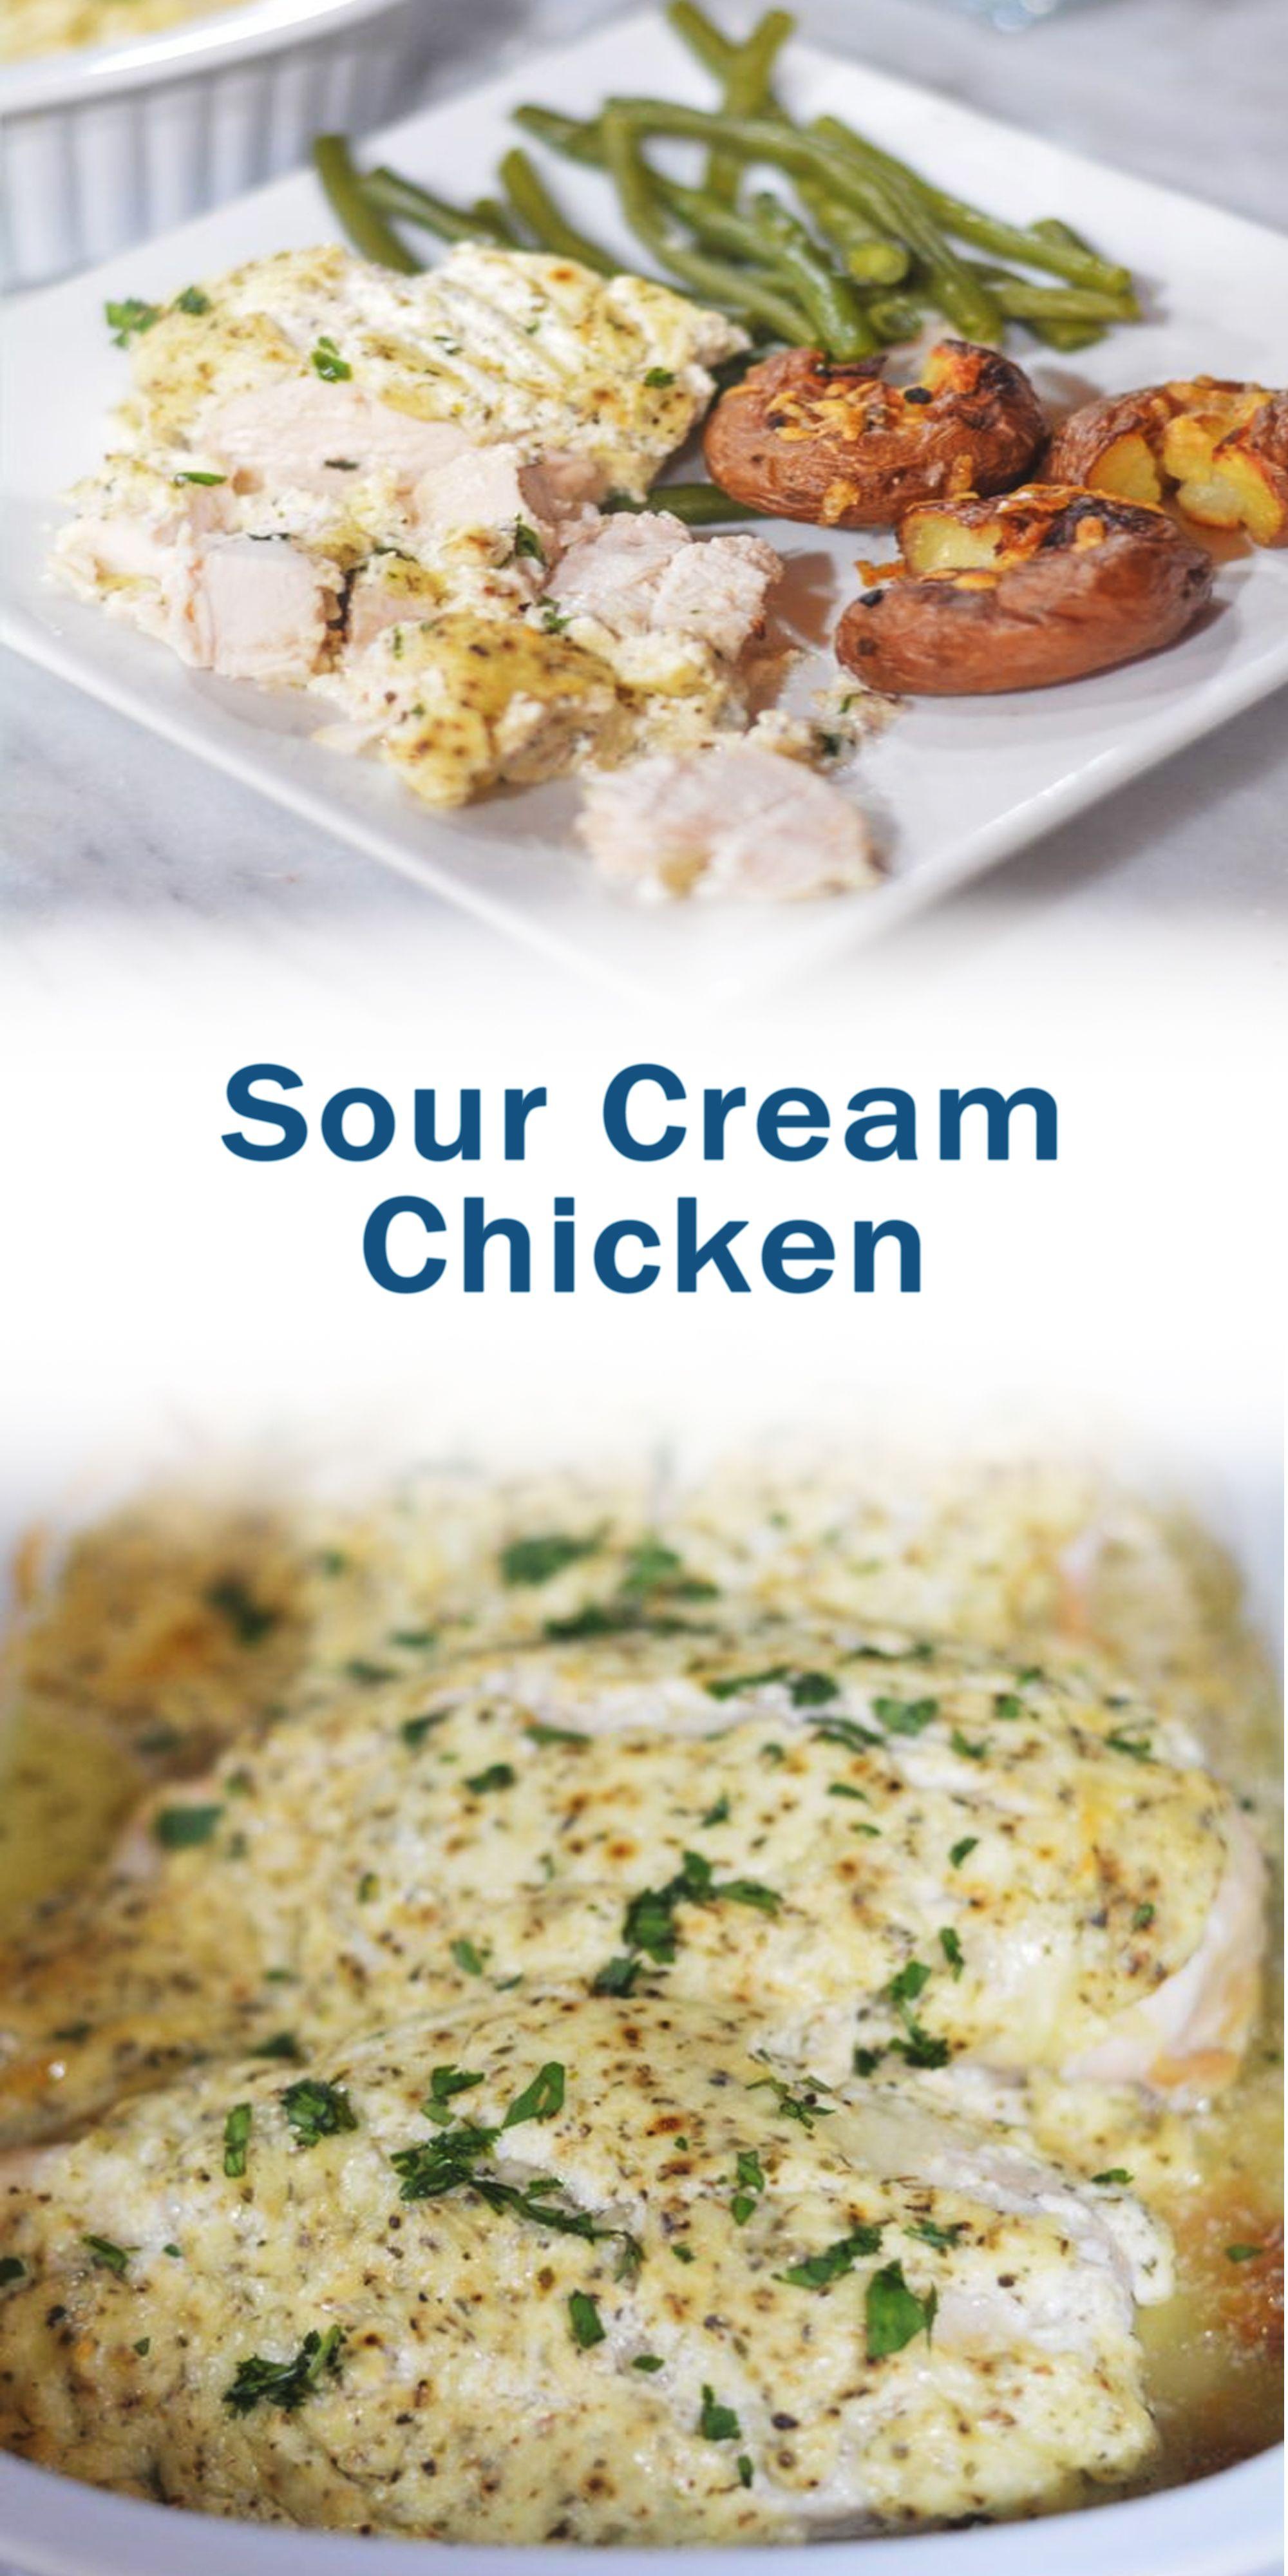 Sour Cream Chicken In 2020 Healthy Chicken Recipes Best Chicken Recipes Chicken Recipes